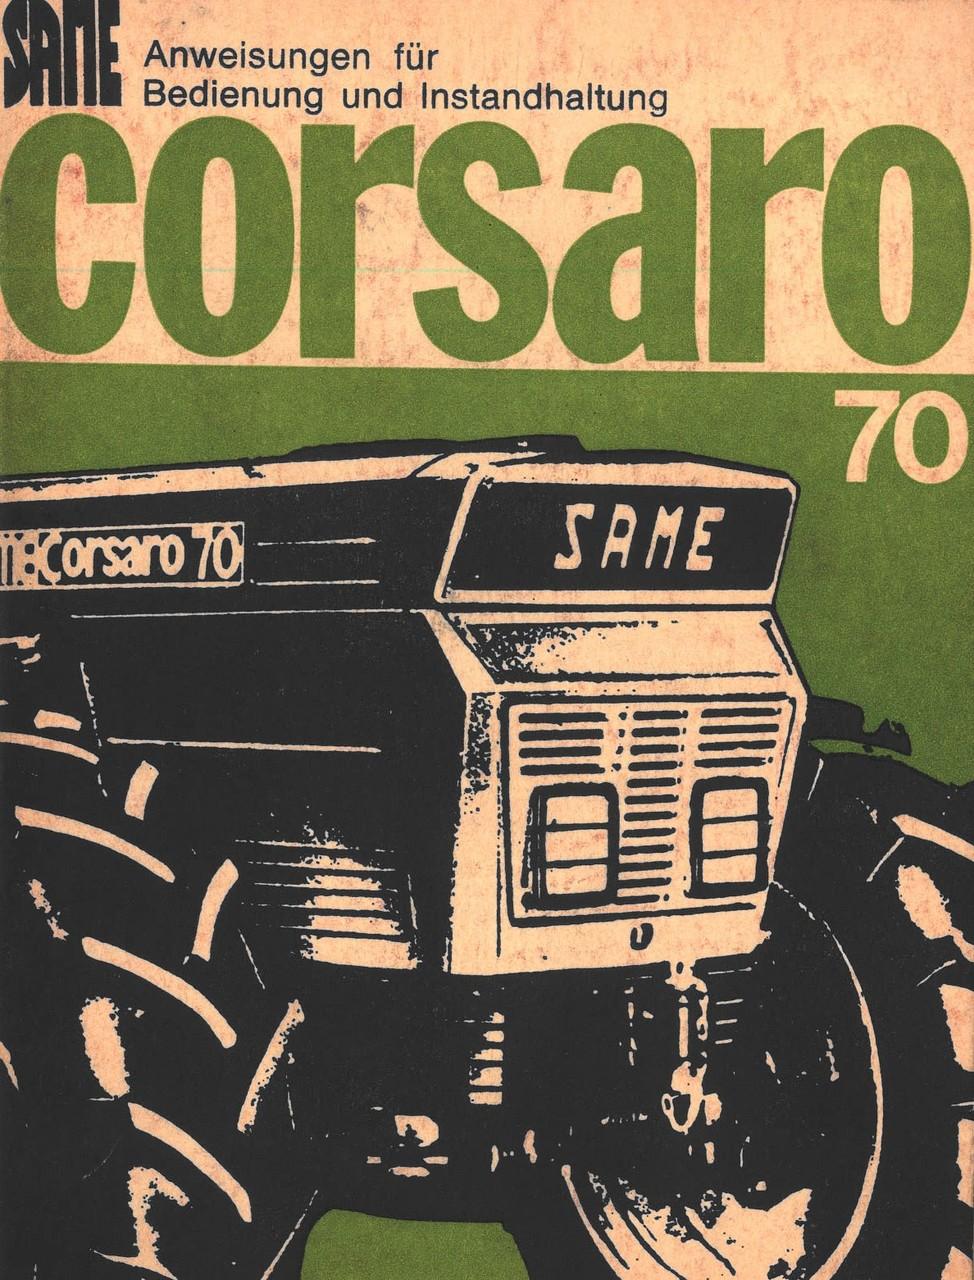 CORSARO 70 - Bedienung und Instandhaltung